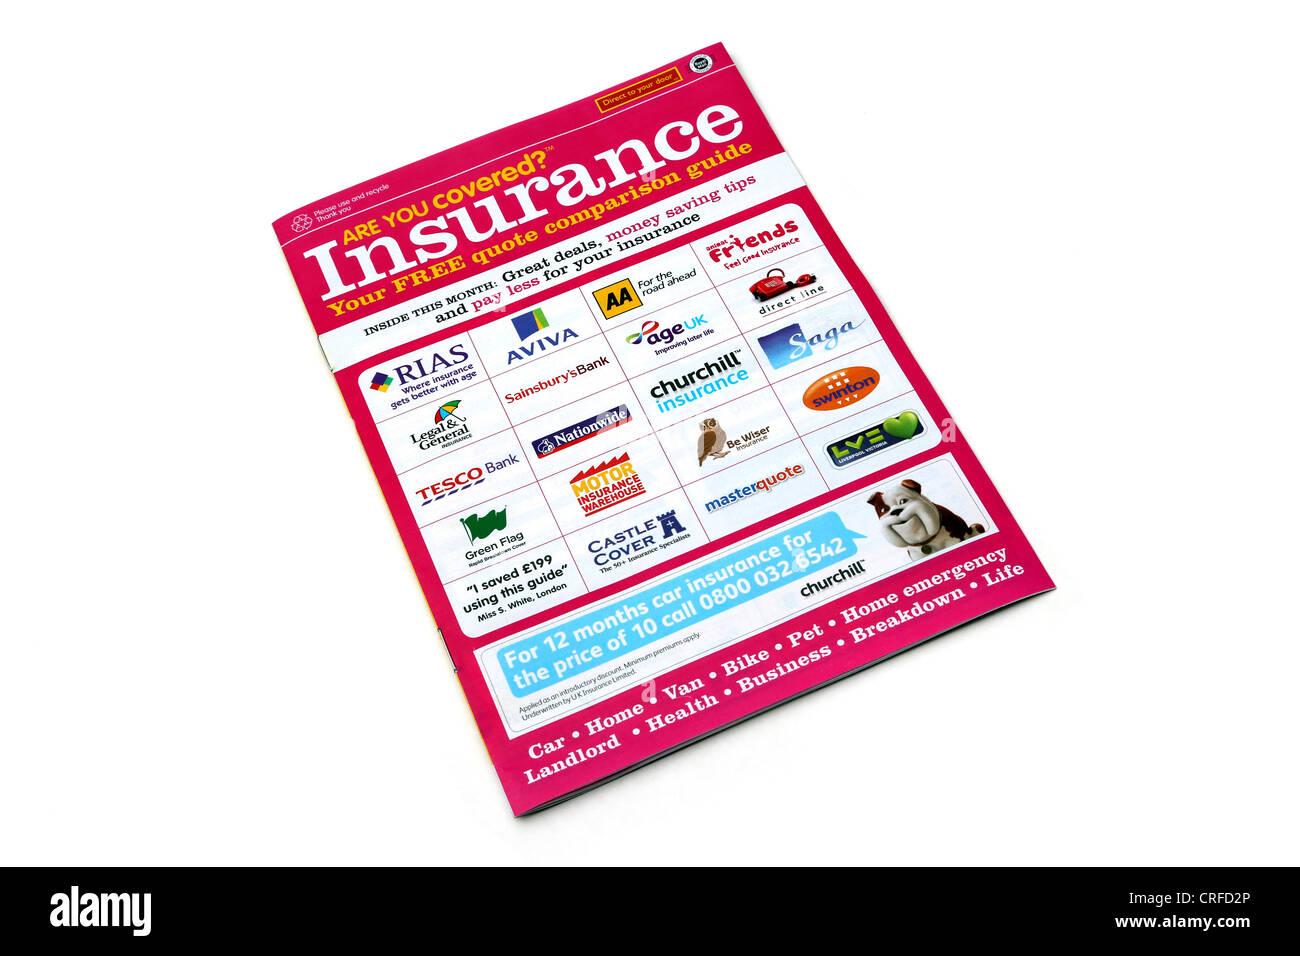 Une Brochure Guide de comparaison des compagnies d'assurance de la publicité Photo Stock